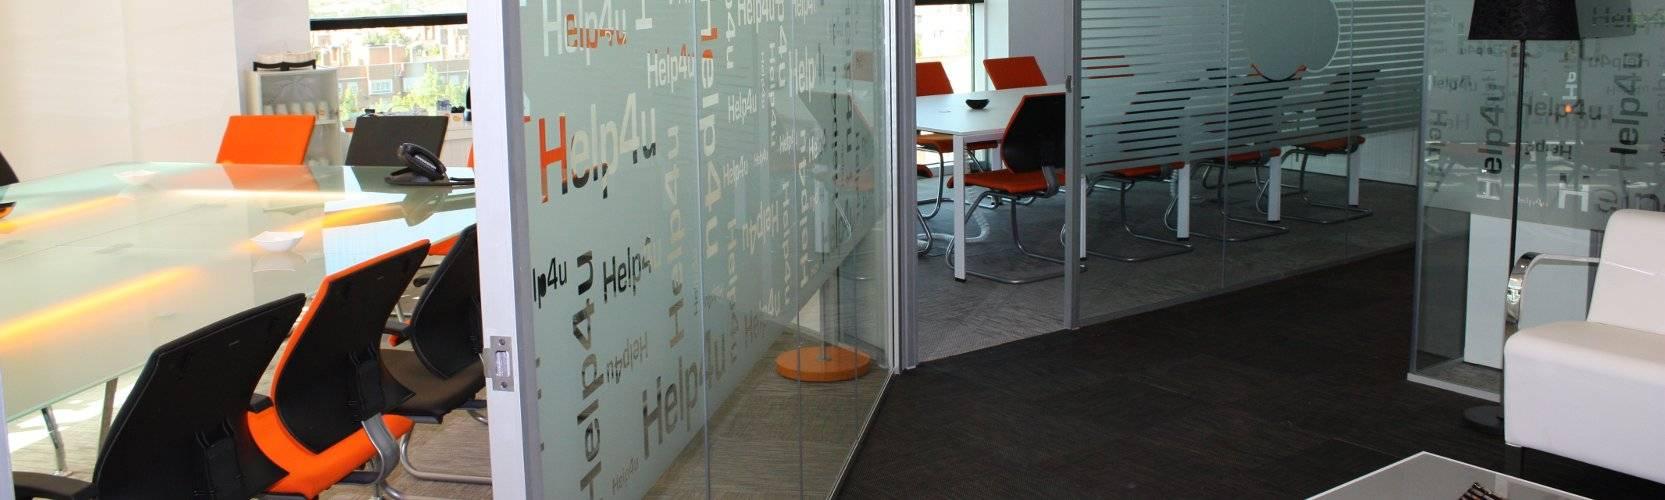 Salas de juntas, reuniones presentaciones